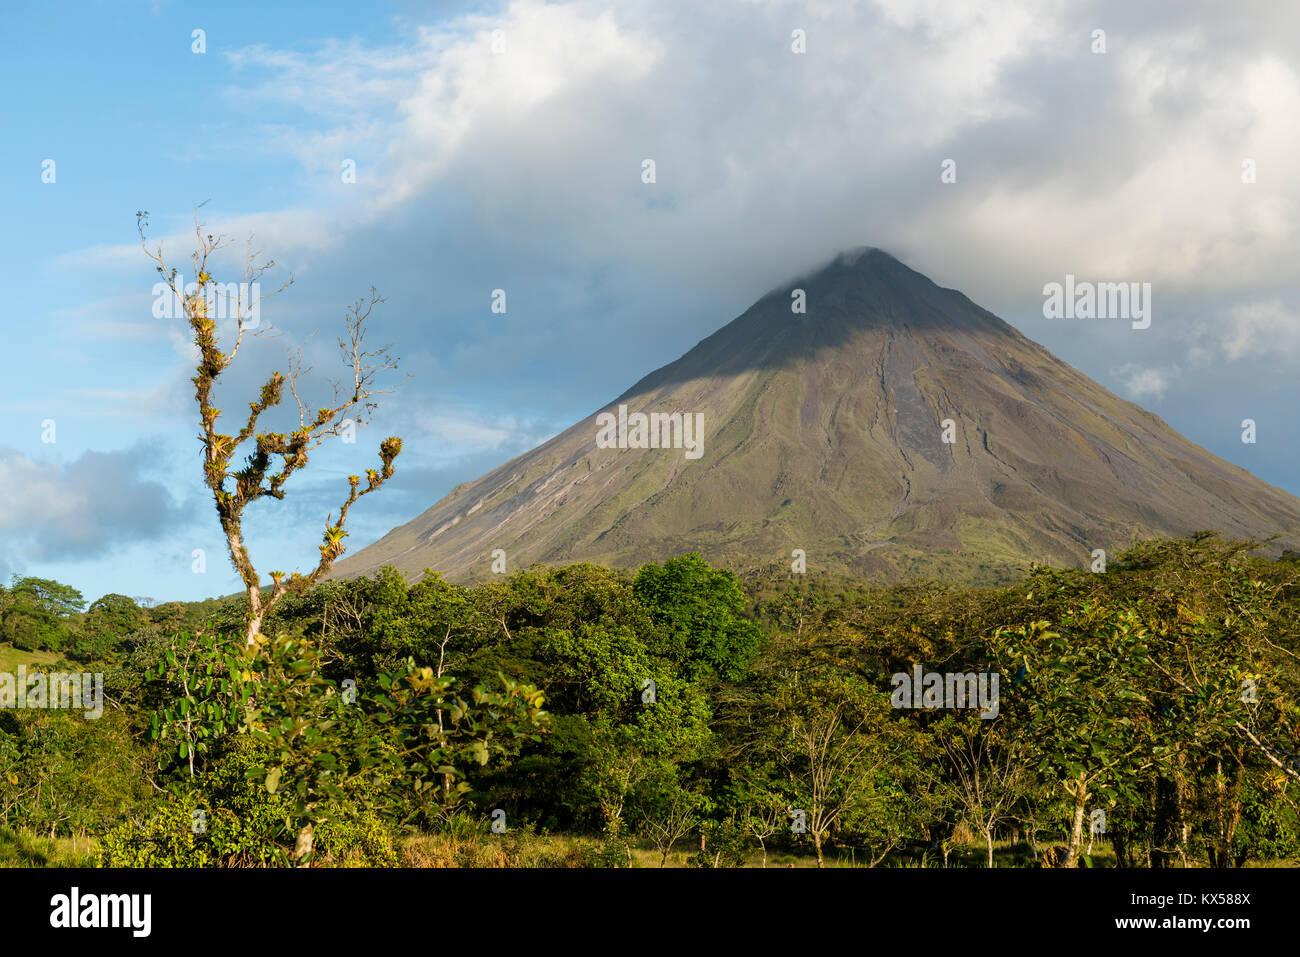 Vulcano Arenal in nuvole, al Parco Nazionale del Vulcano Arenal, provincia di Alajuela, Costa Rica Immagini Stock